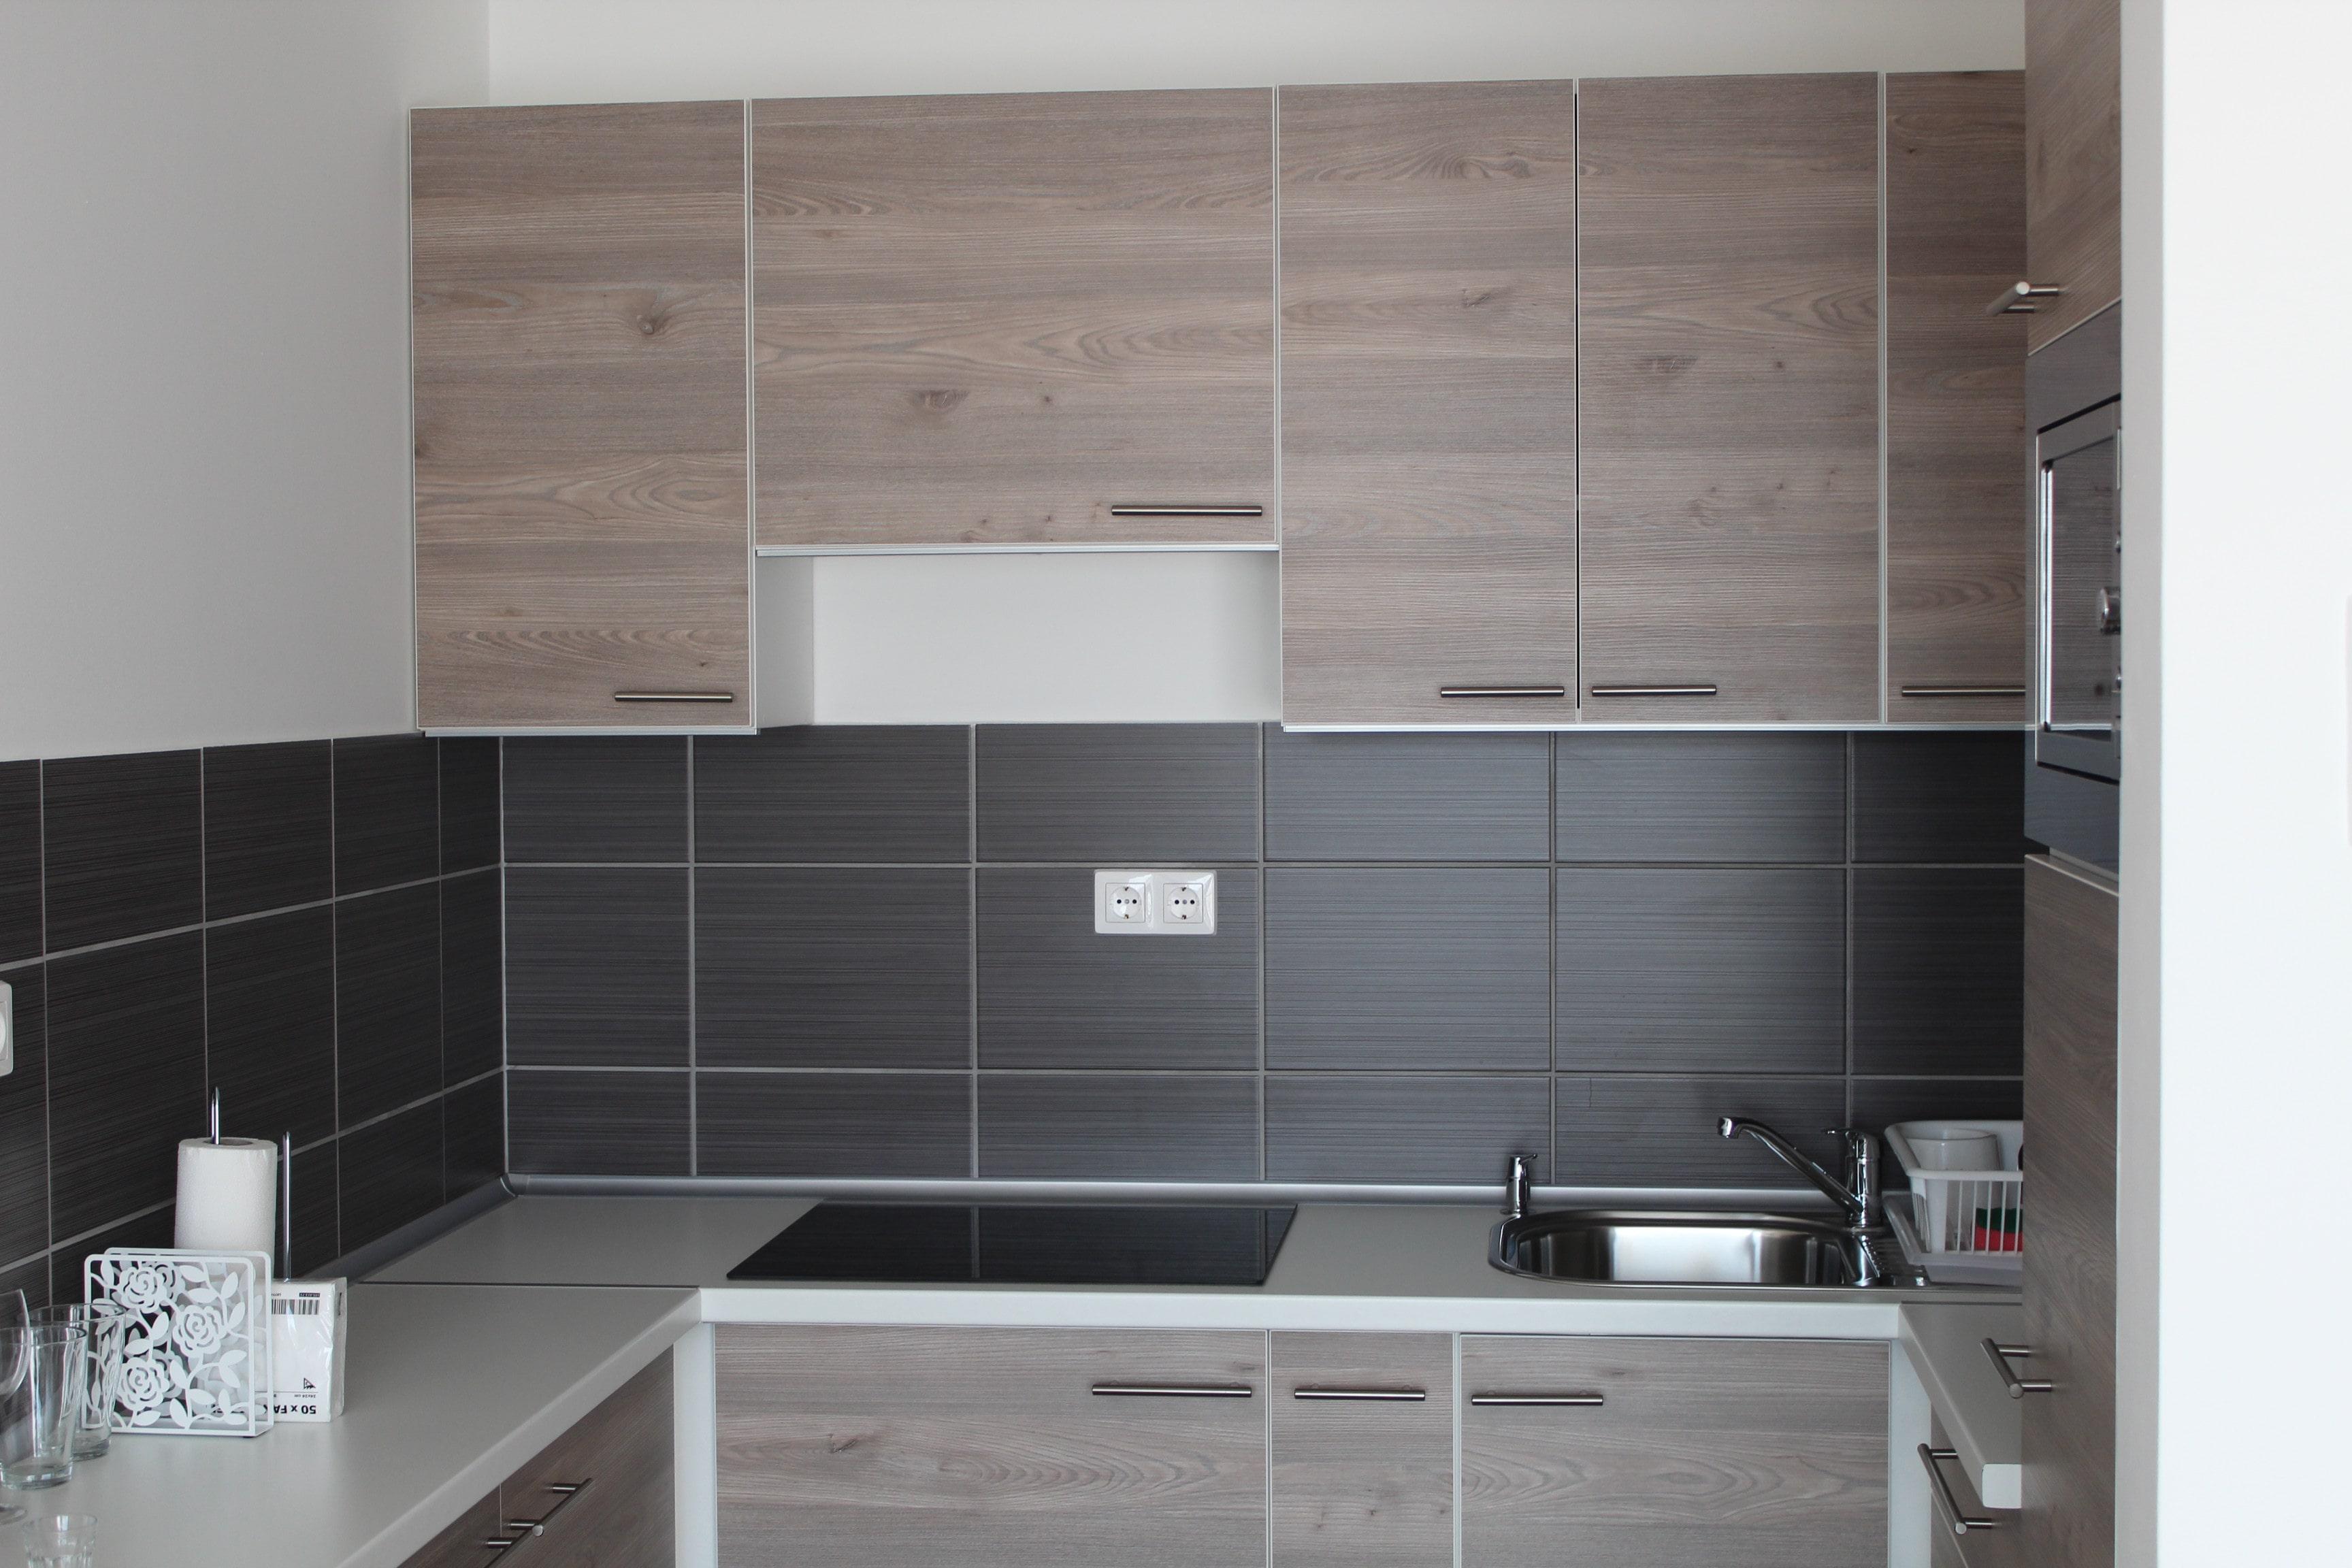 cityhome-apt-kitchen